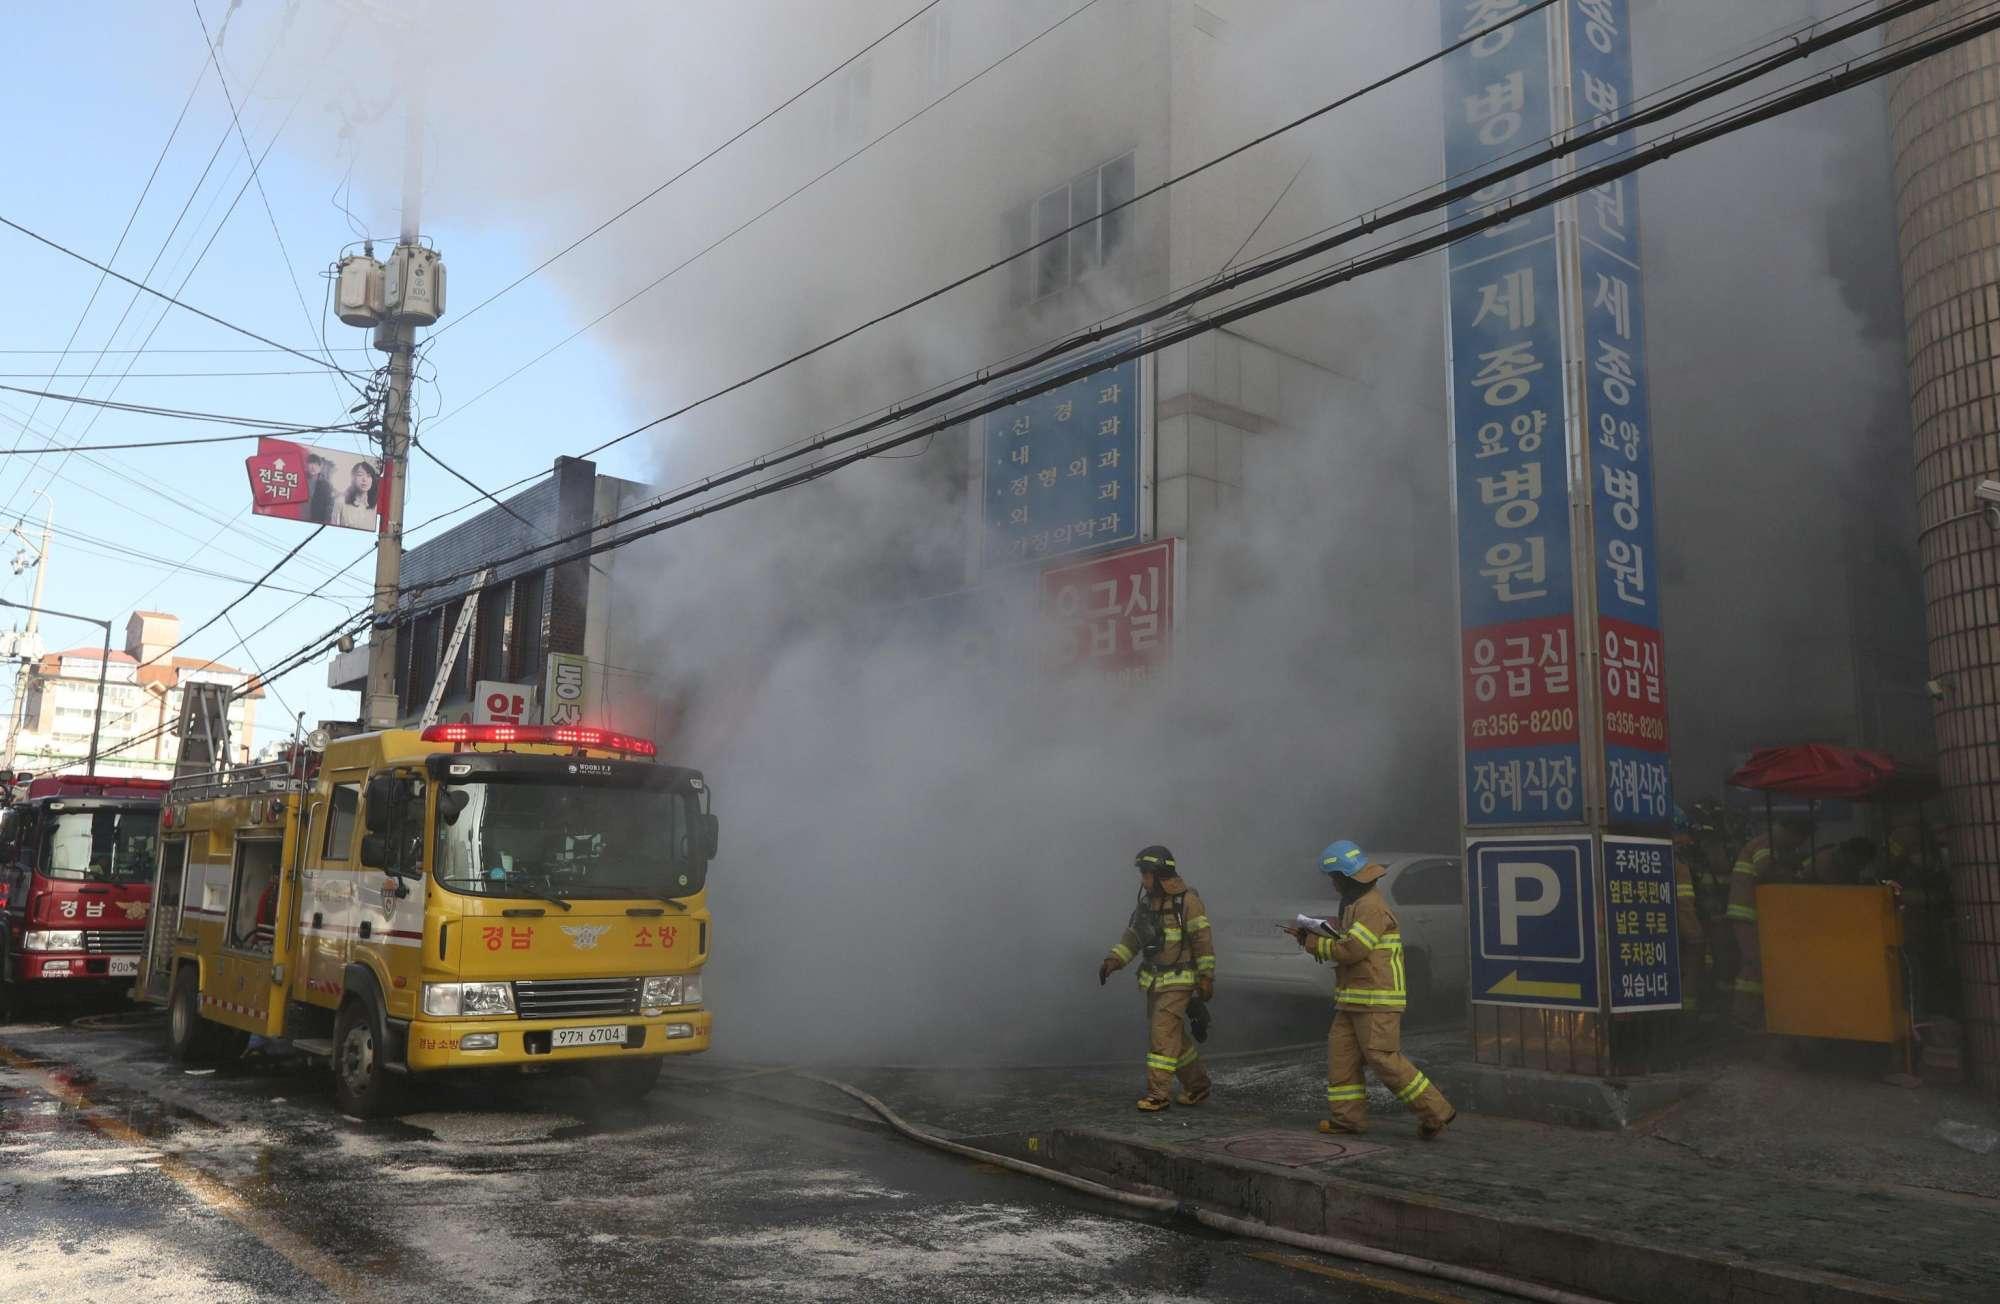 Corea del Sud, strage in ospedale: divampa incendio, almeno 31 i morti